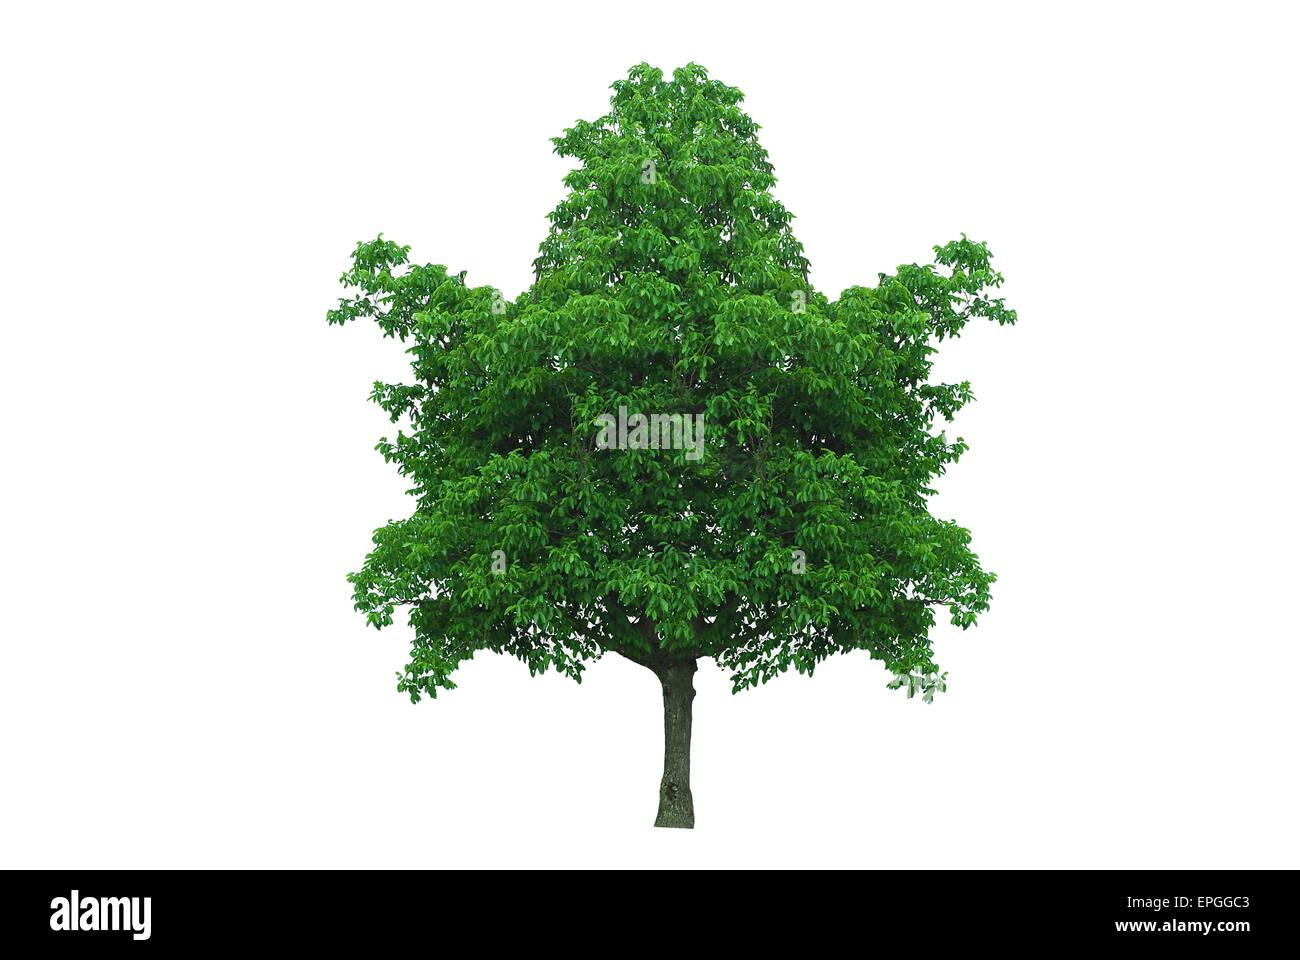 maple leaf shape tree isolated - Stock Image